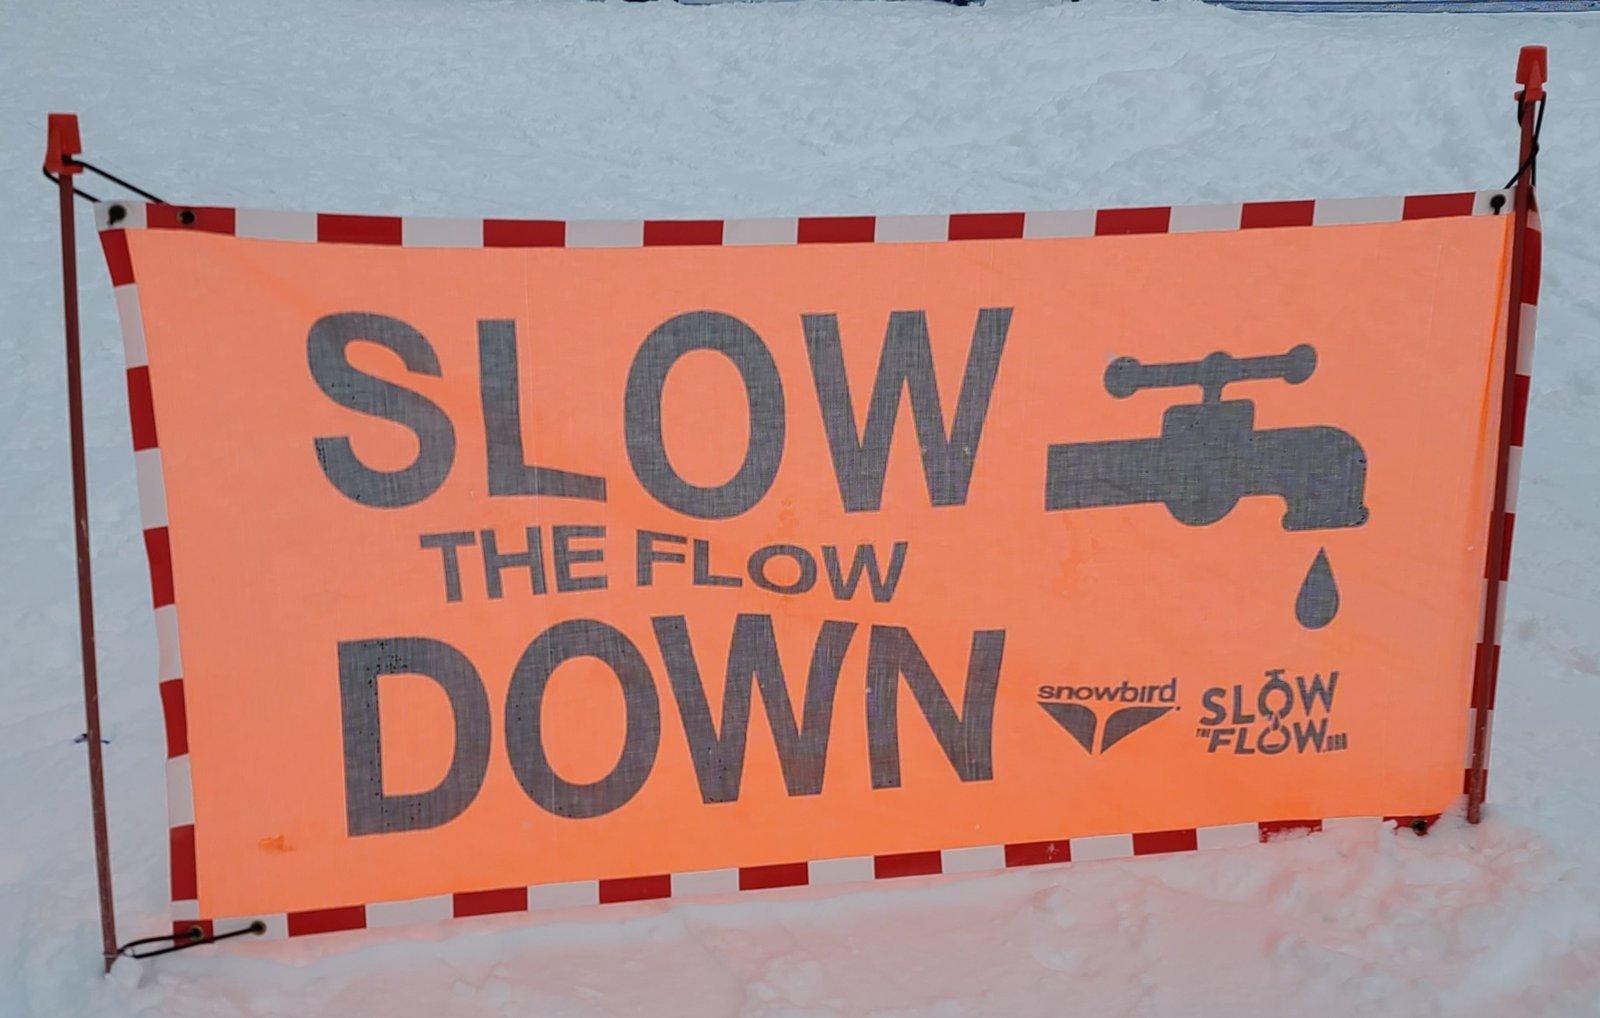 Entering Slow Zone